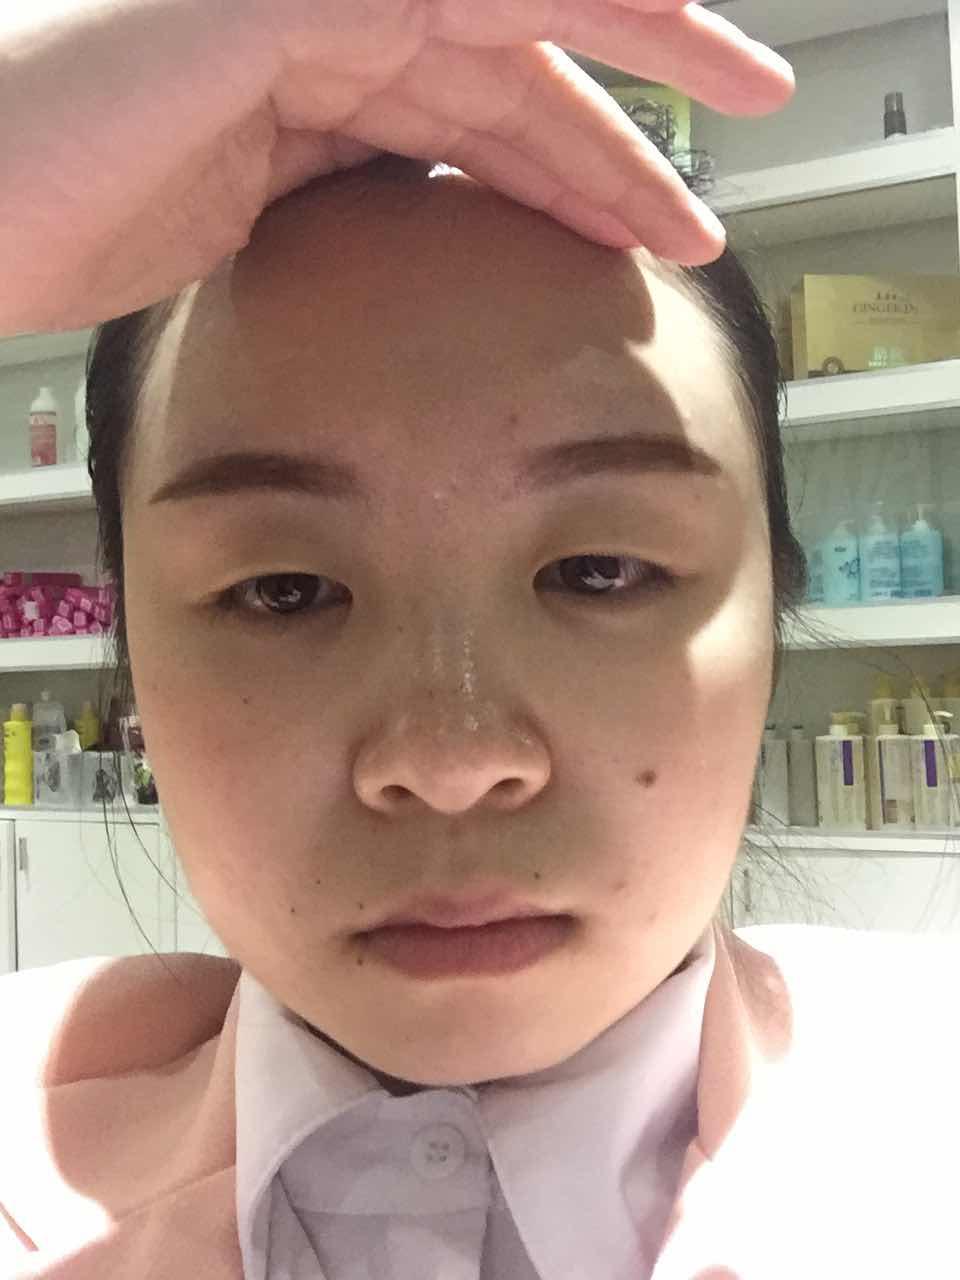 下眼睑外翻手术是什么样的,我觉得我很多地方都需要整,眼睛,下巴,鼻子,还有下巴两边